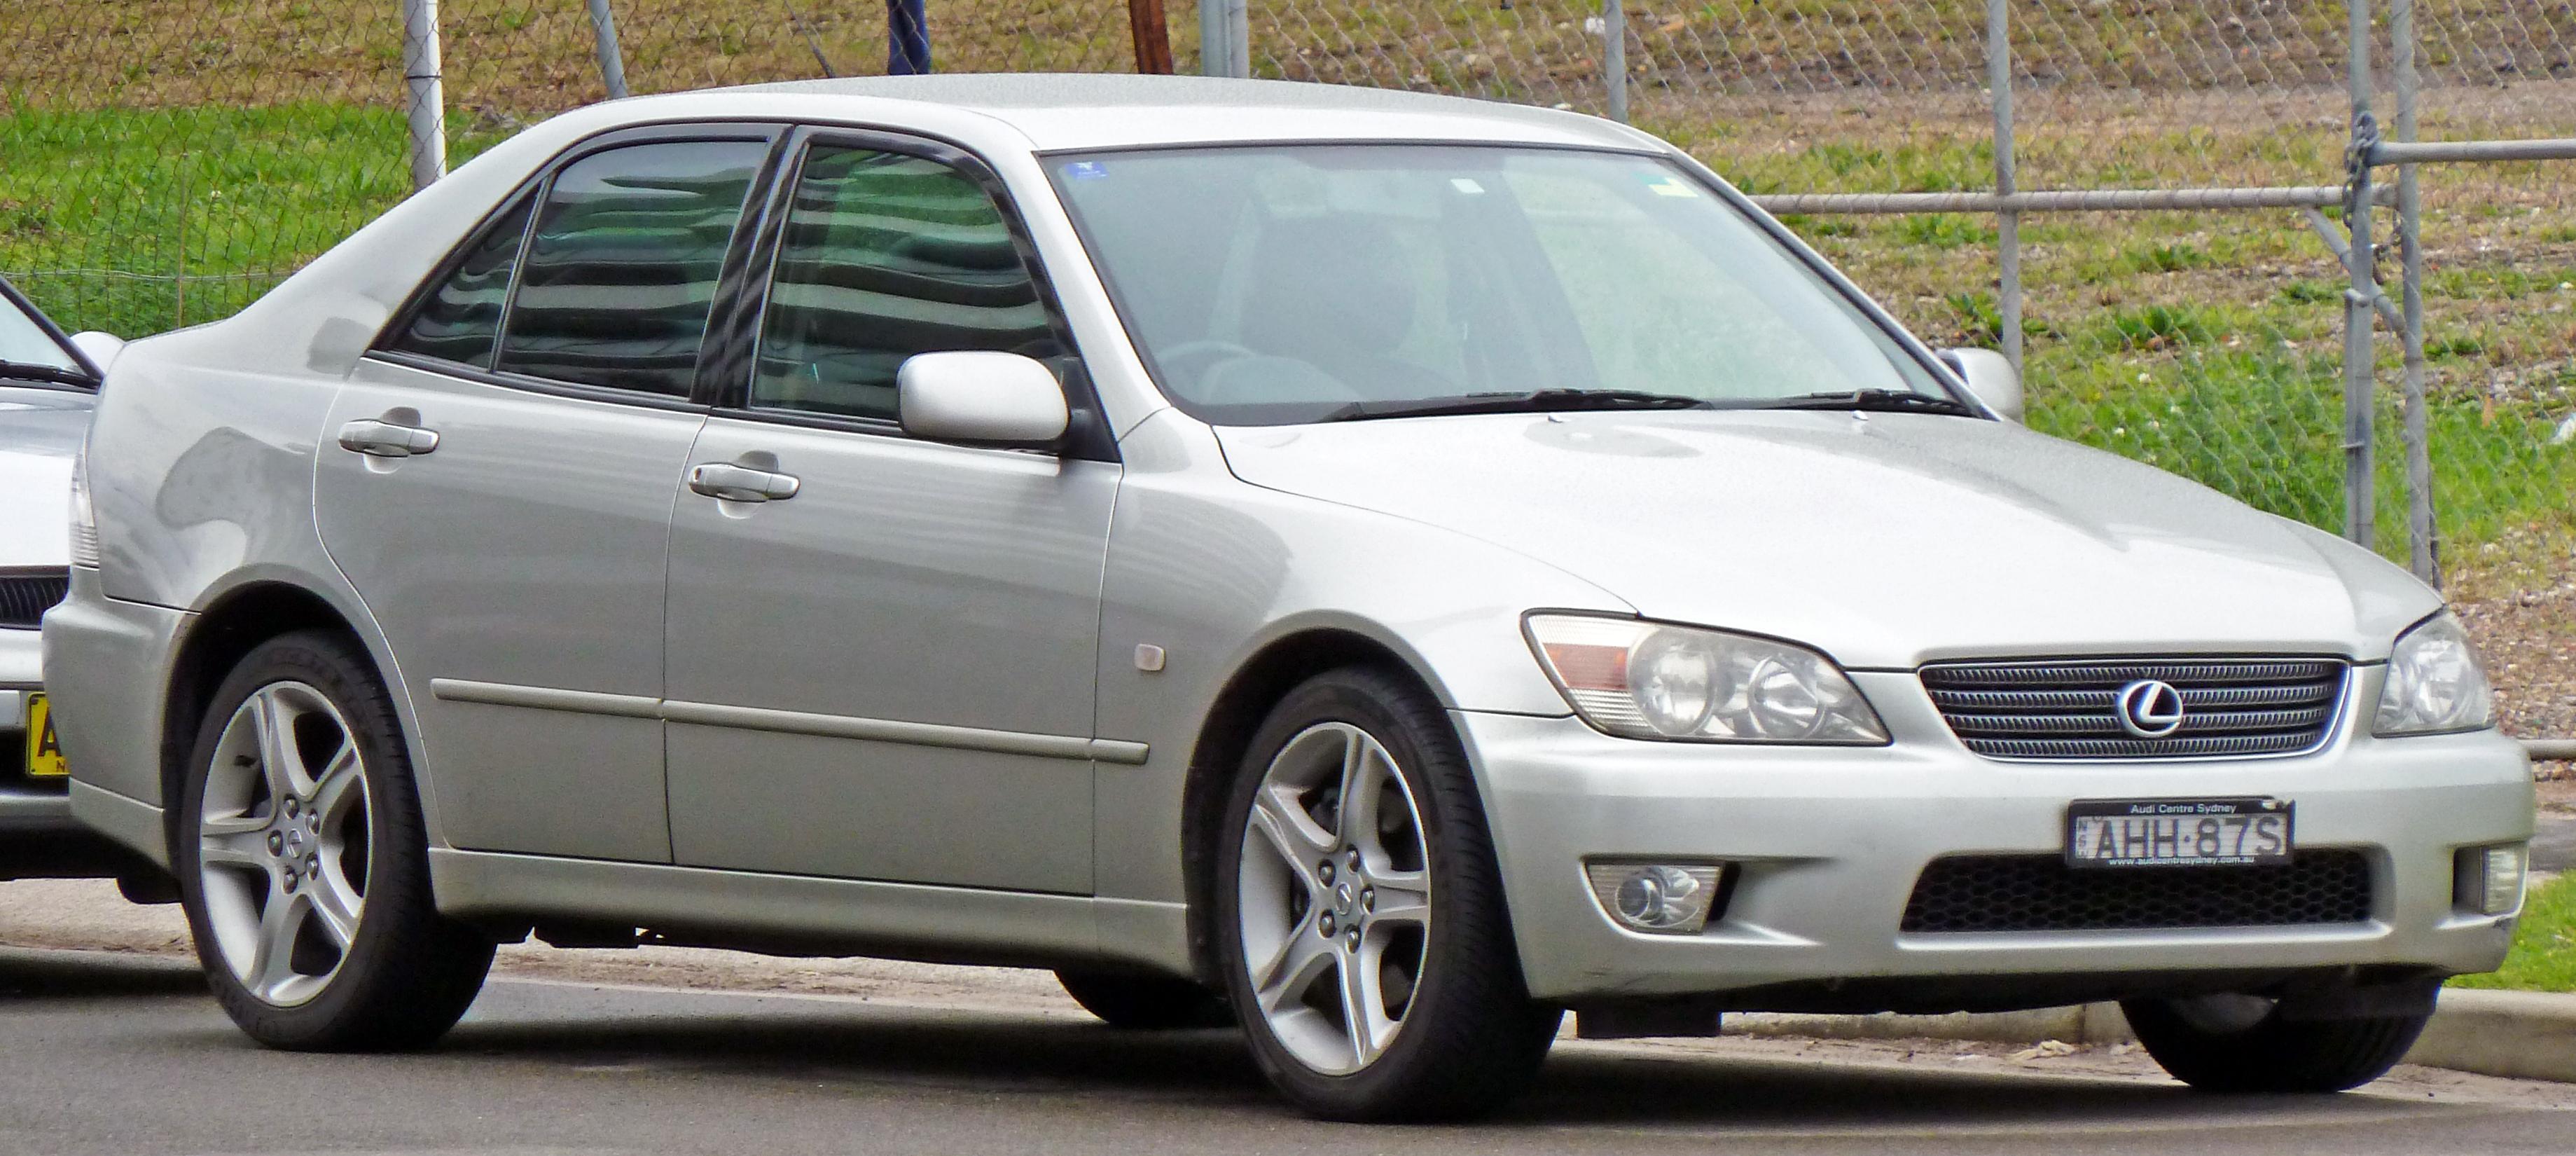 File 1999 2005 Lexus IS 200 GXE10R sedan 04 Wikimedia mons